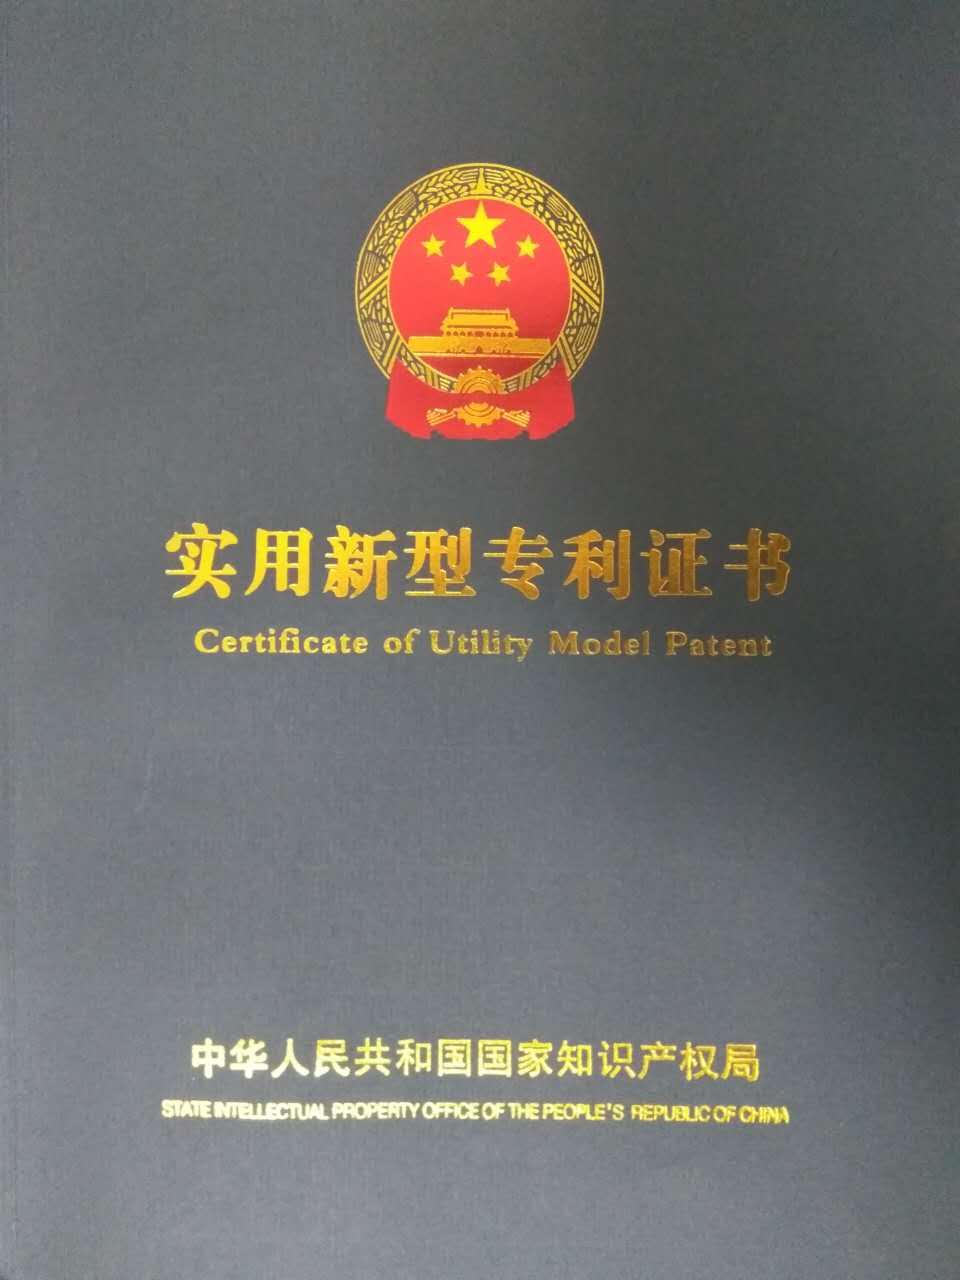 中山市华尊电机有限公司_才通国际人才网_job001.cn